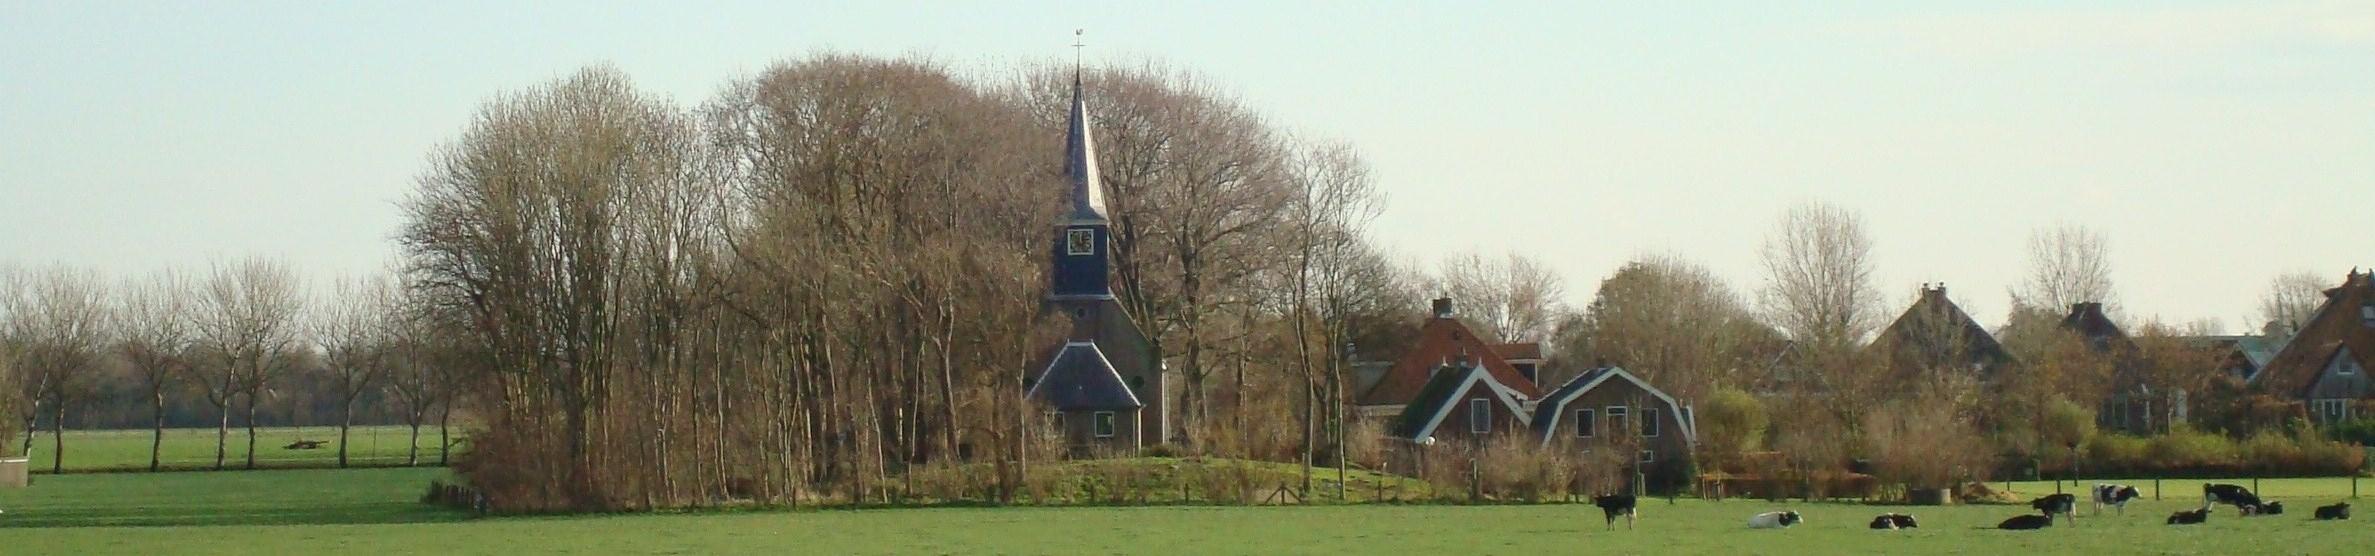 kerk Eenigenburg detail1 (2)